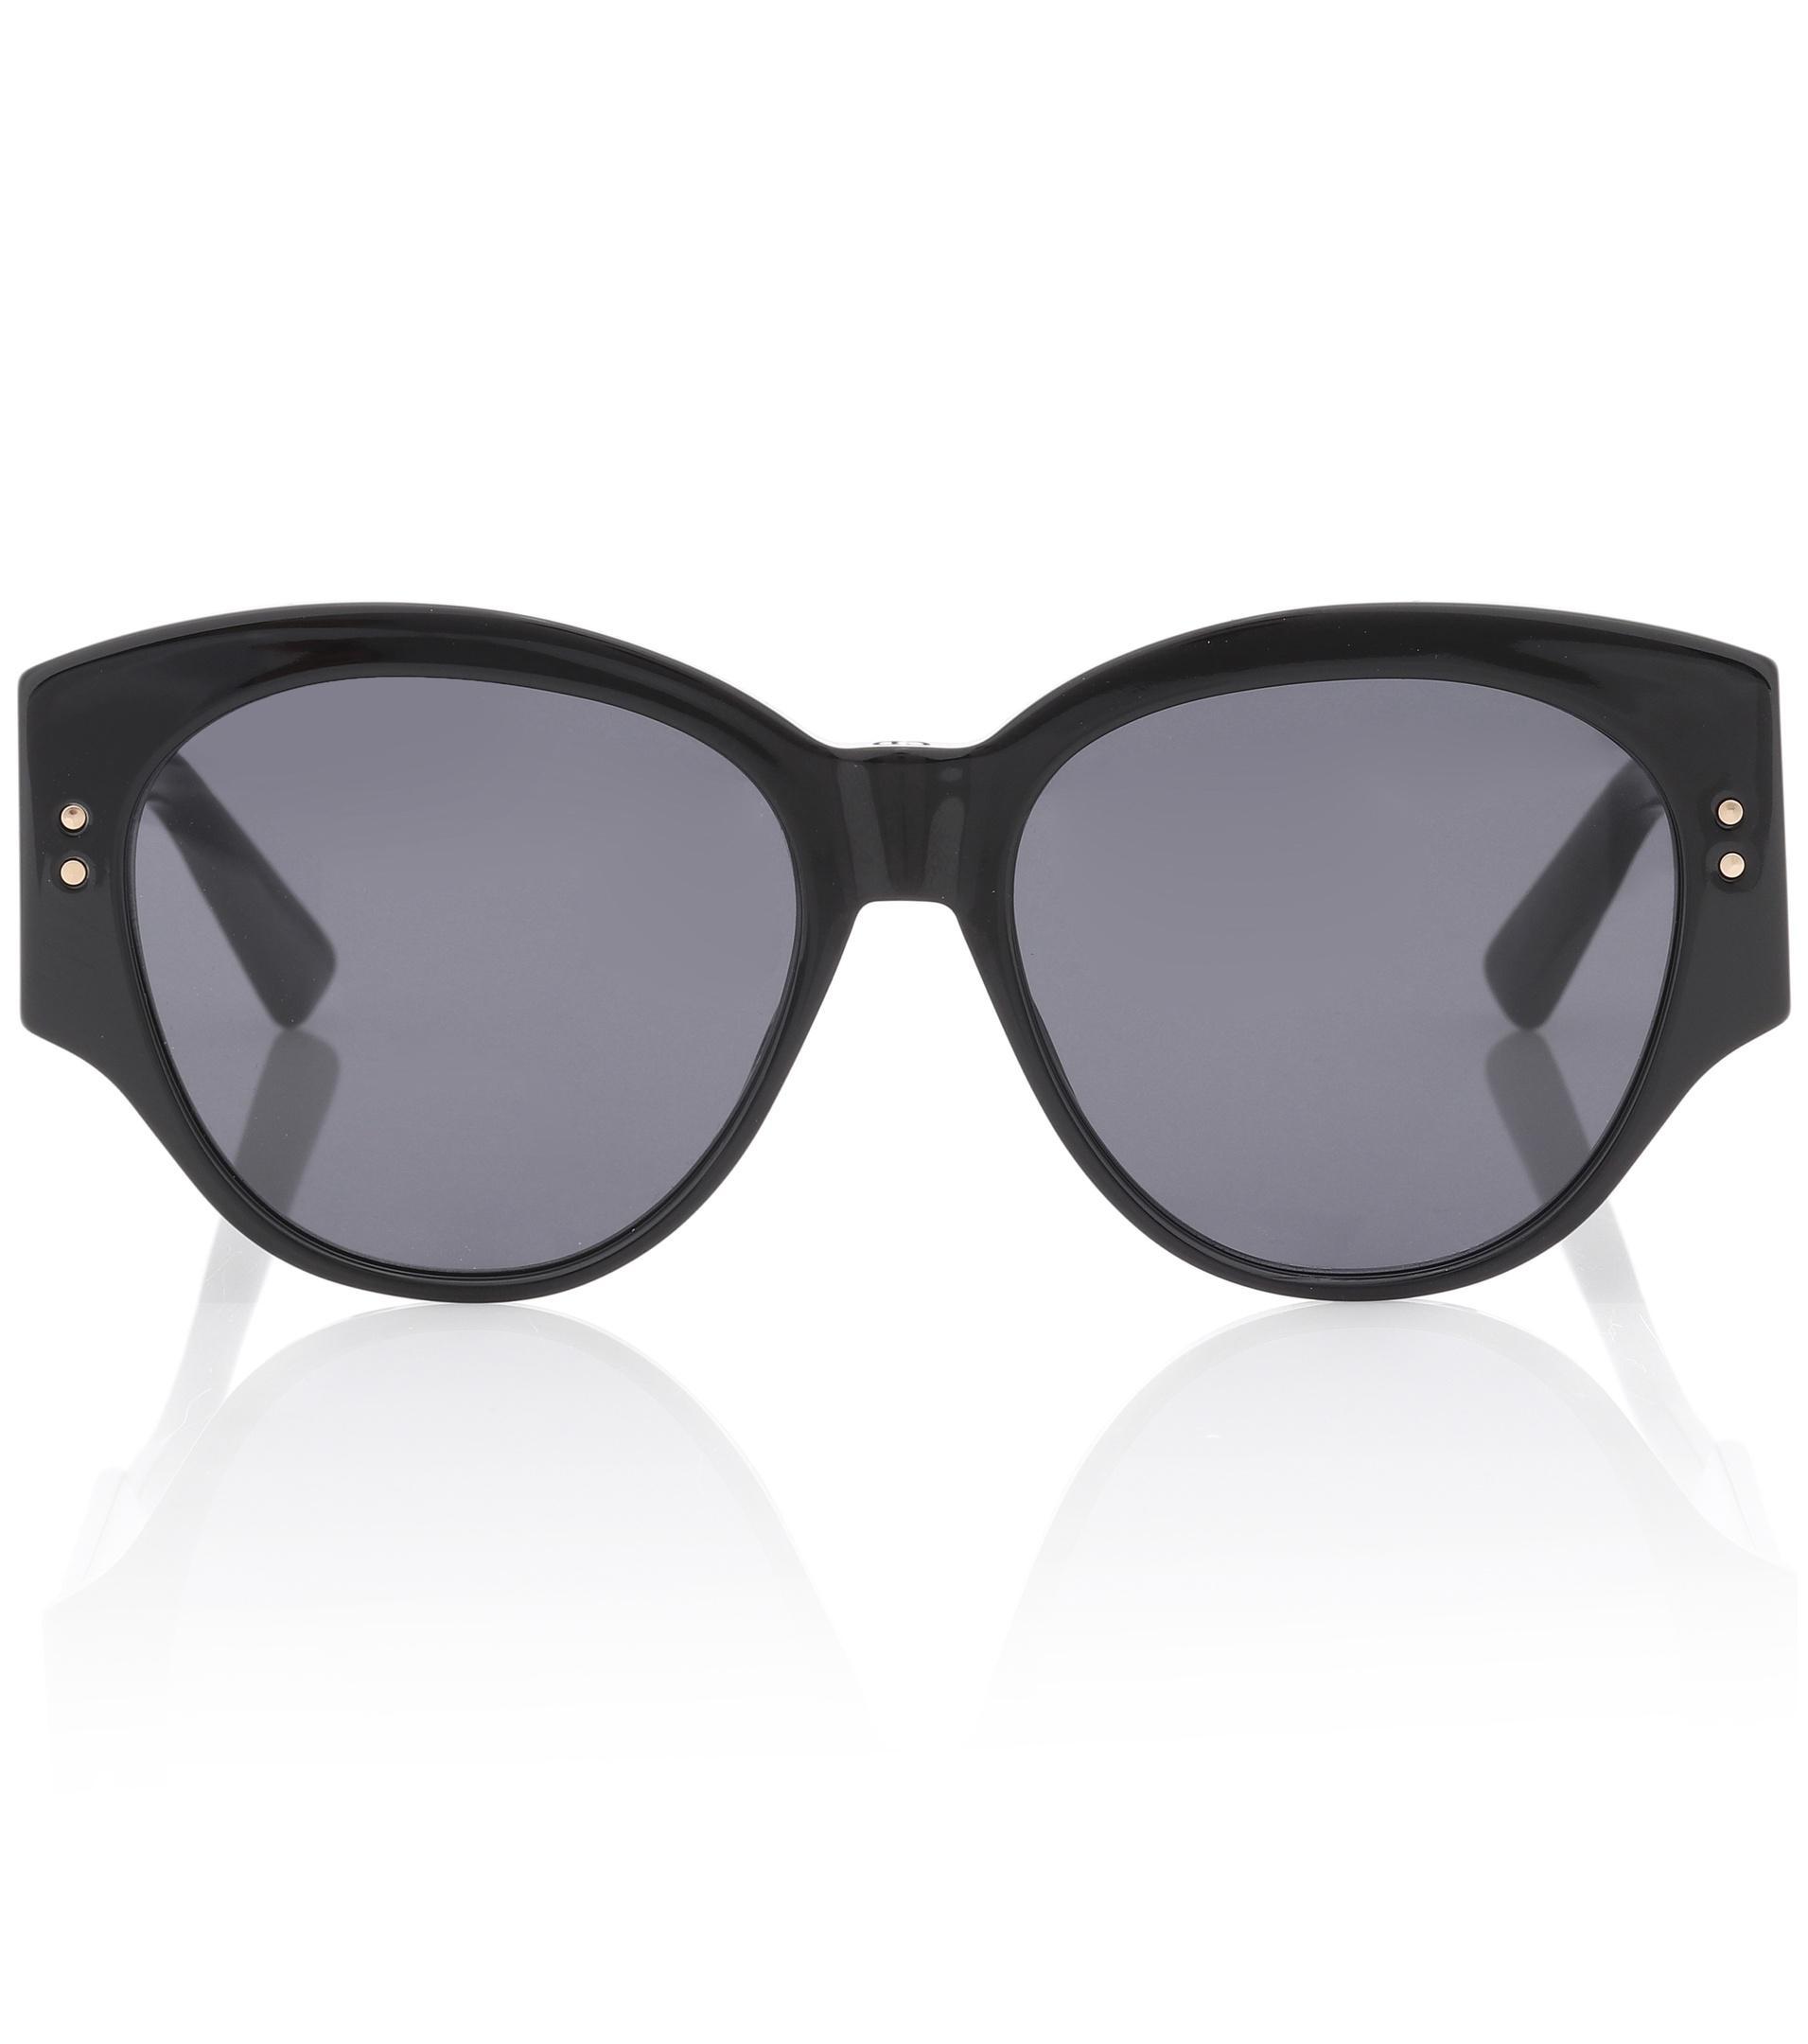 0ab3b3e0a16a Dior Ladydiorstuds2 Sunglasses in Black - Lyst